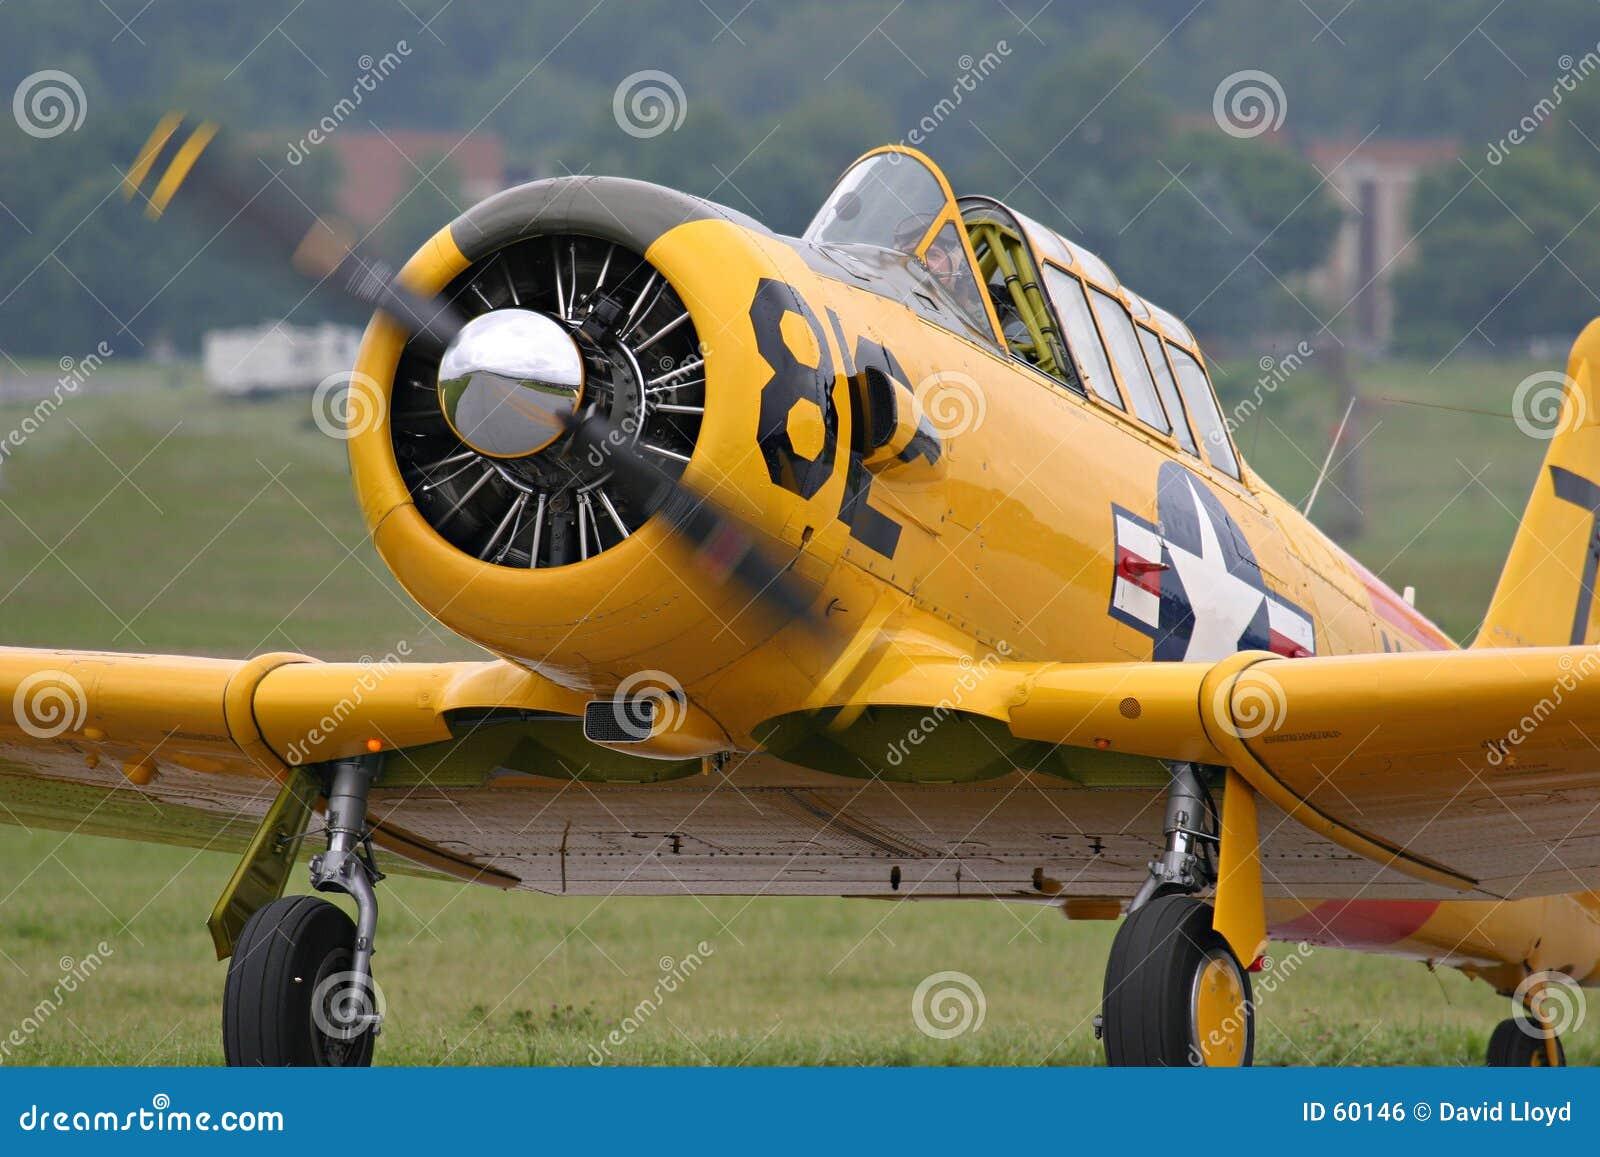 Download Aéronefs d'instruction photo stock. Image du warplanes, moteur - 60146